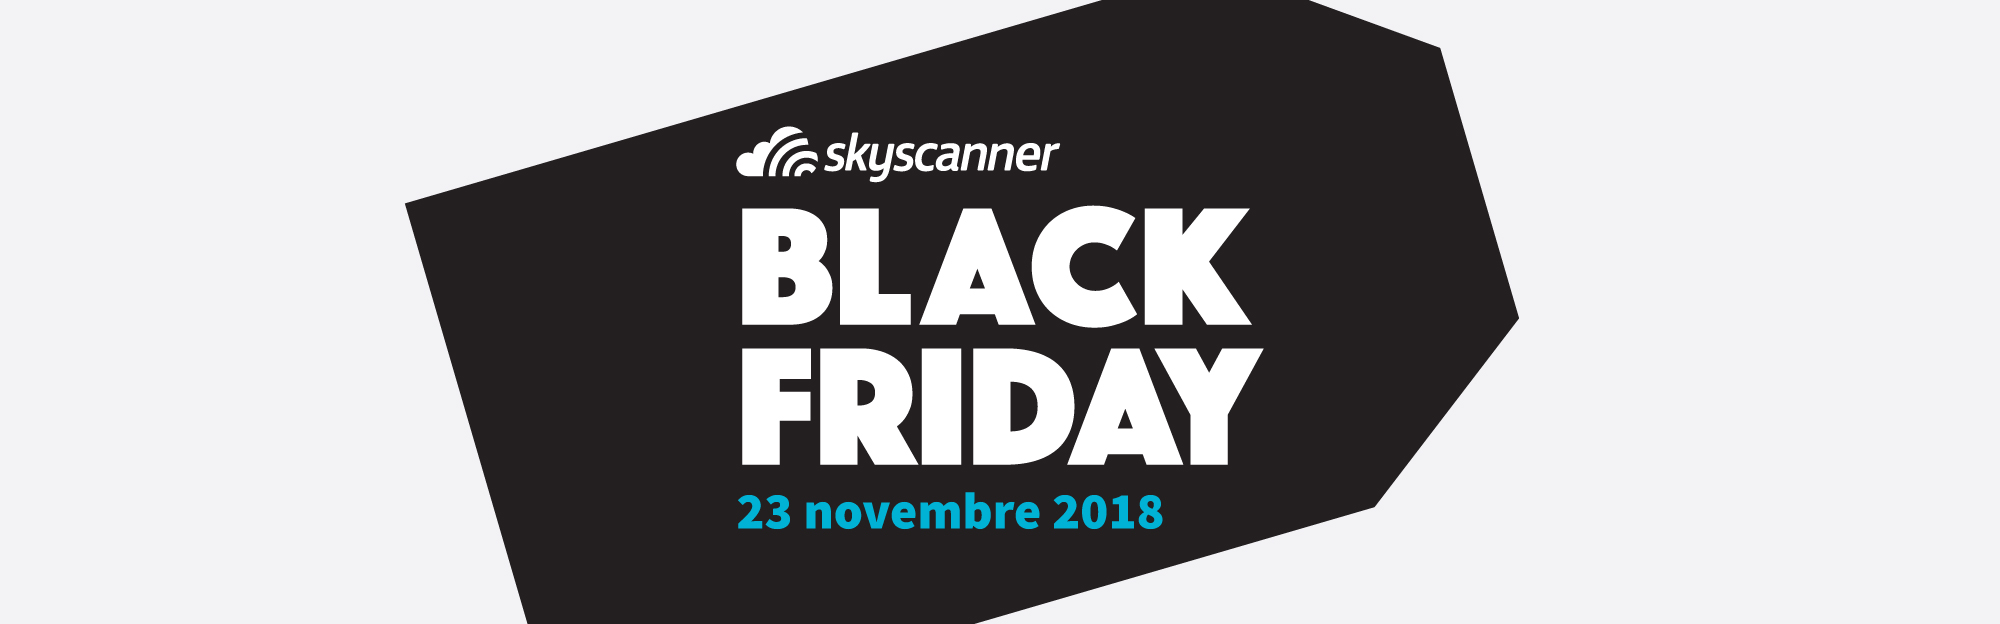 Black Friday 2018  Offerte voli e sconti in tempo reale!   Skyscanner 804e8a47ea0